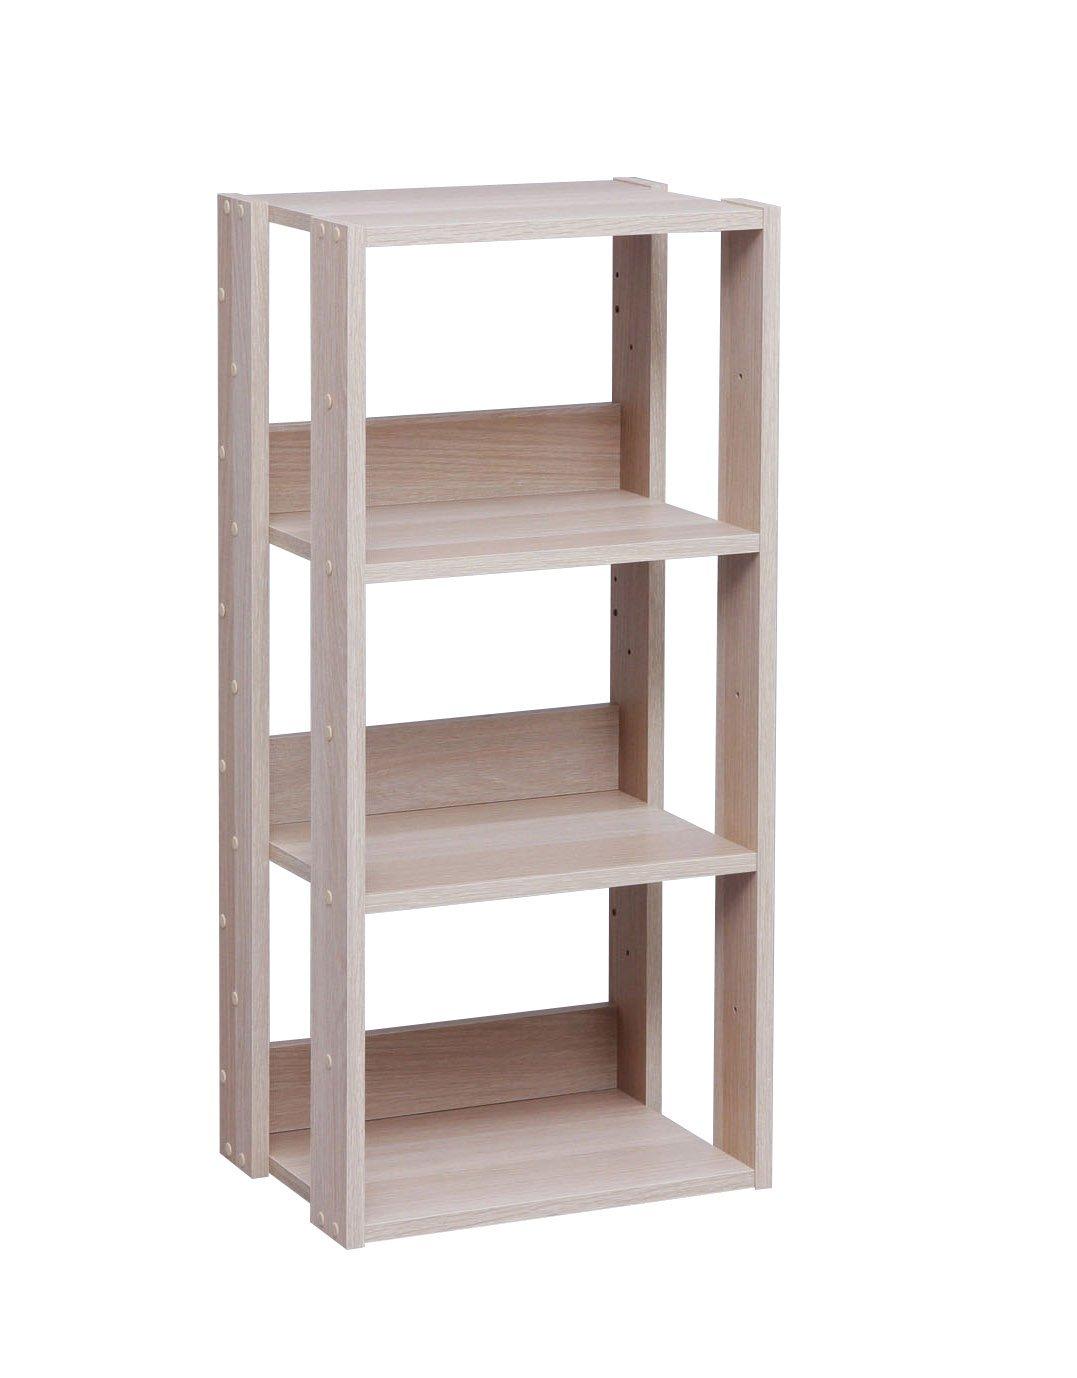 IRIS USA 3-Tier Open Wood Bookshelf, Light Brown